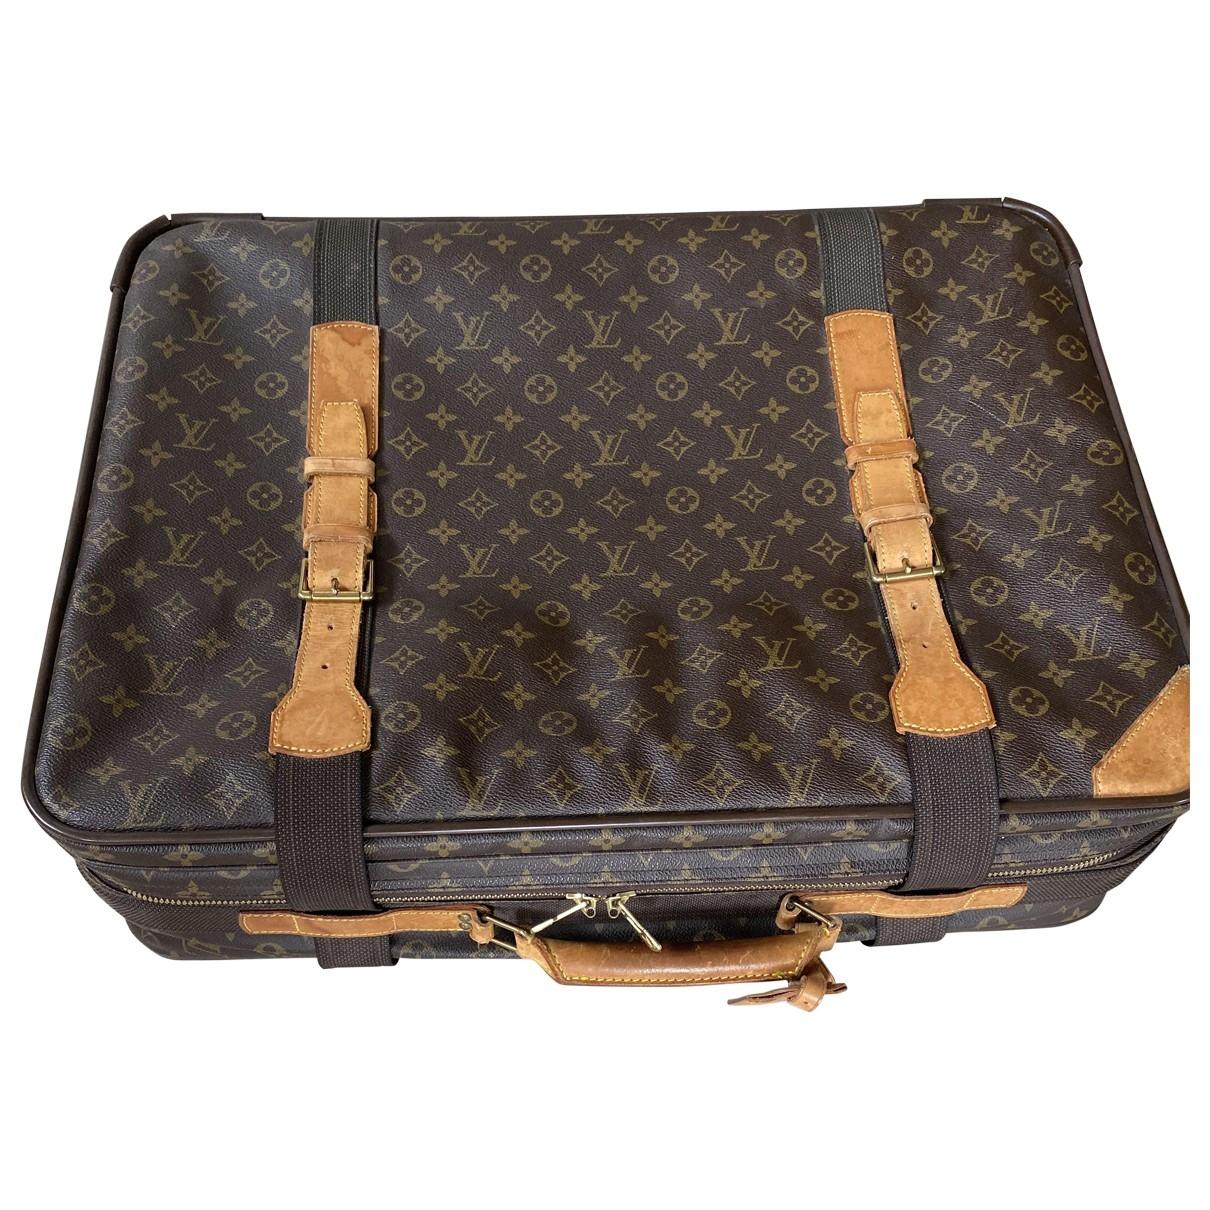 Louis Vuitton - Sac de voyage Satellite pour femme en toile - marron